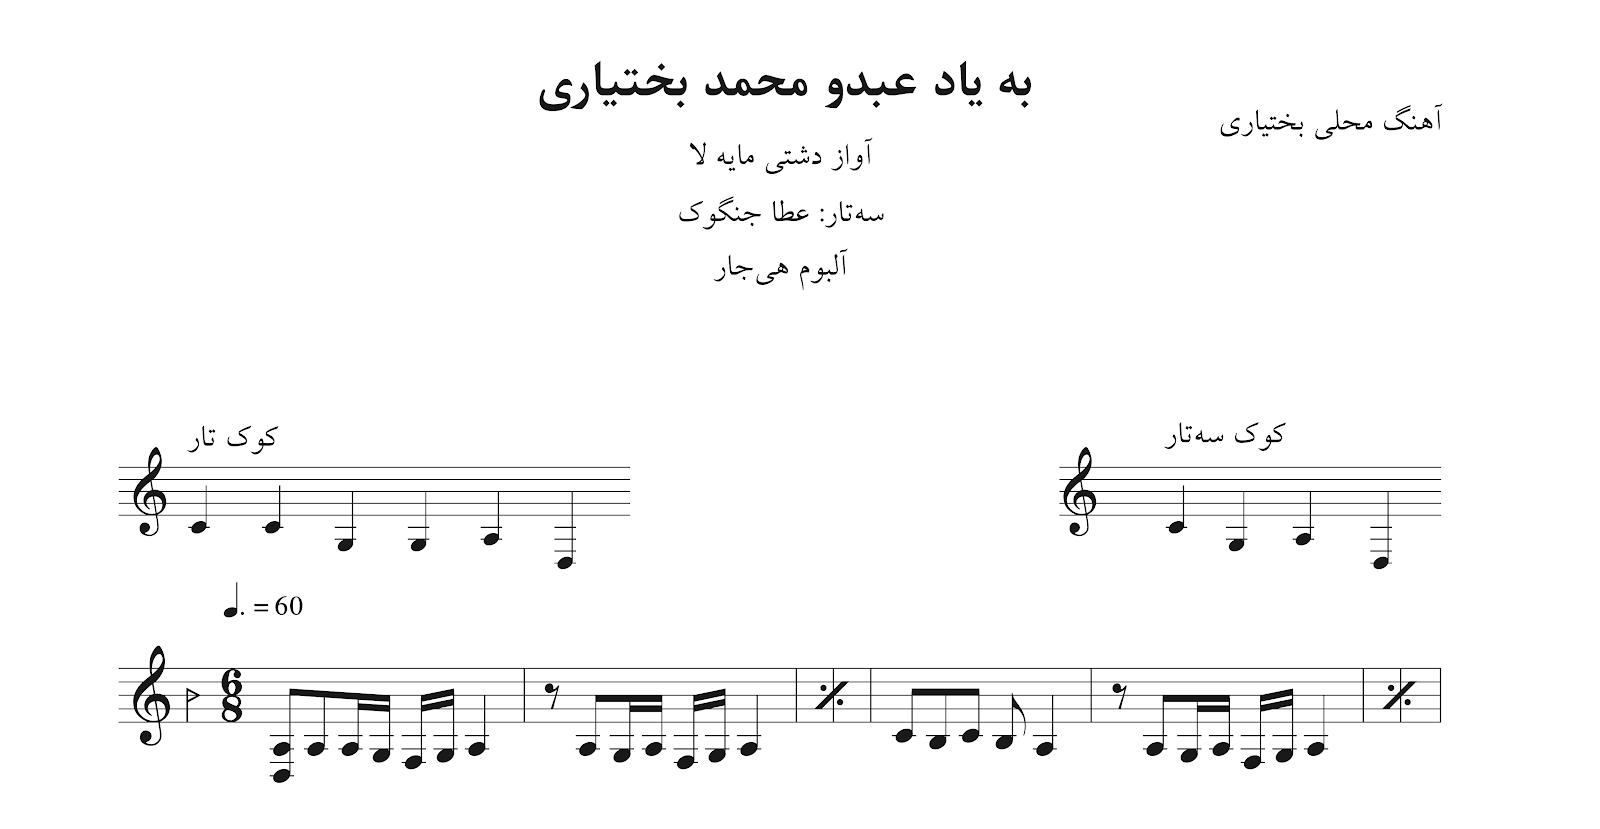 نت به یاد عبدو محمد بختیاری آلبوم هیجار سهتار عطا جنگوک